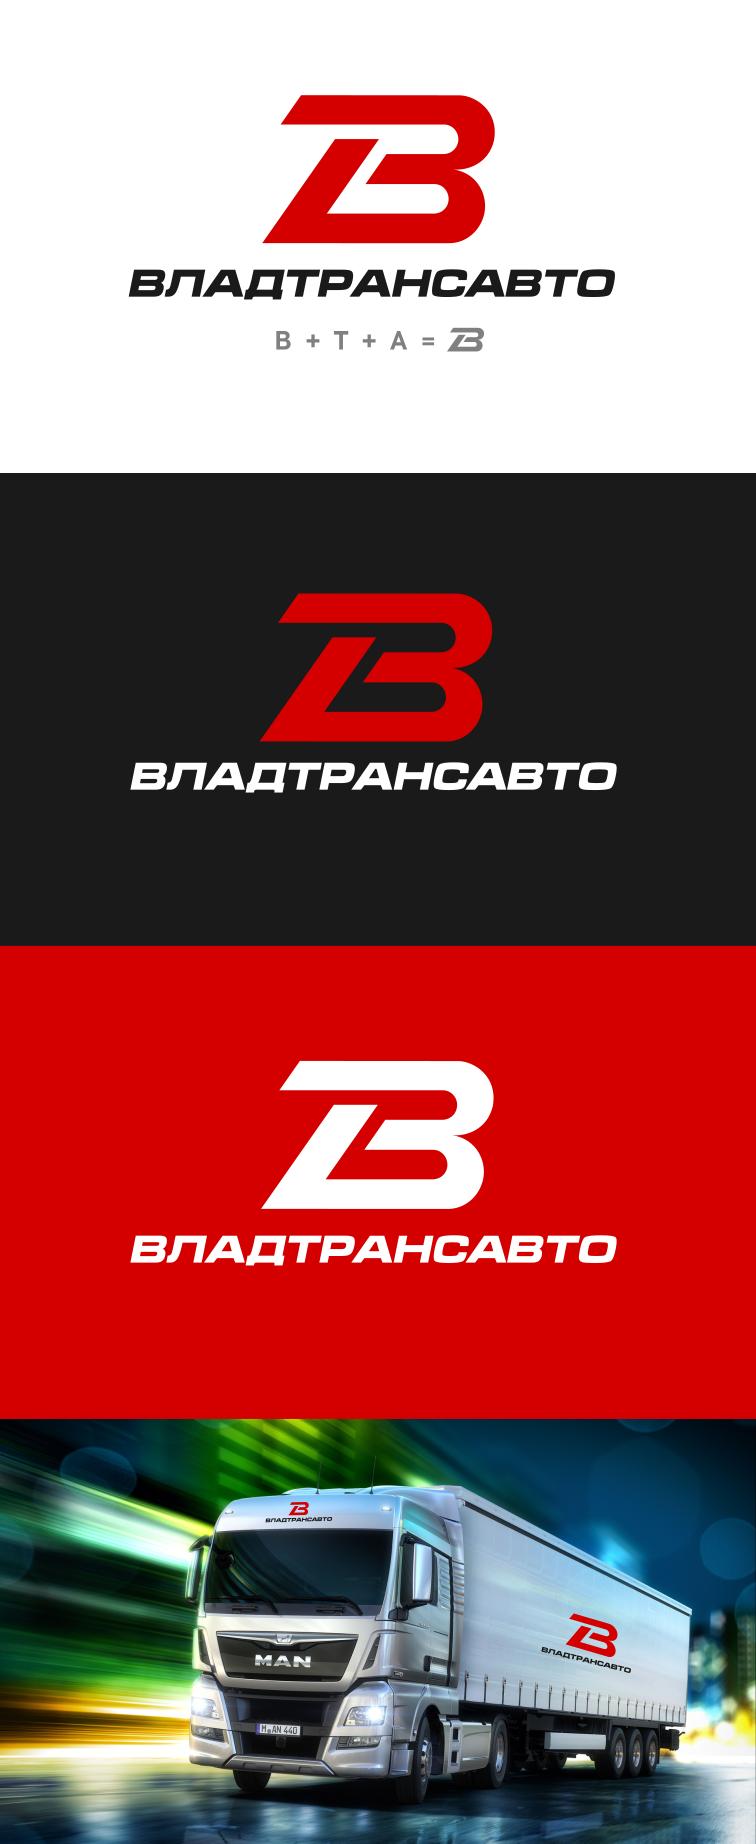 Логотип и фирменный стиль для транспортной компании Владтрансавто фото f_2825cf25bee3d2c6.png